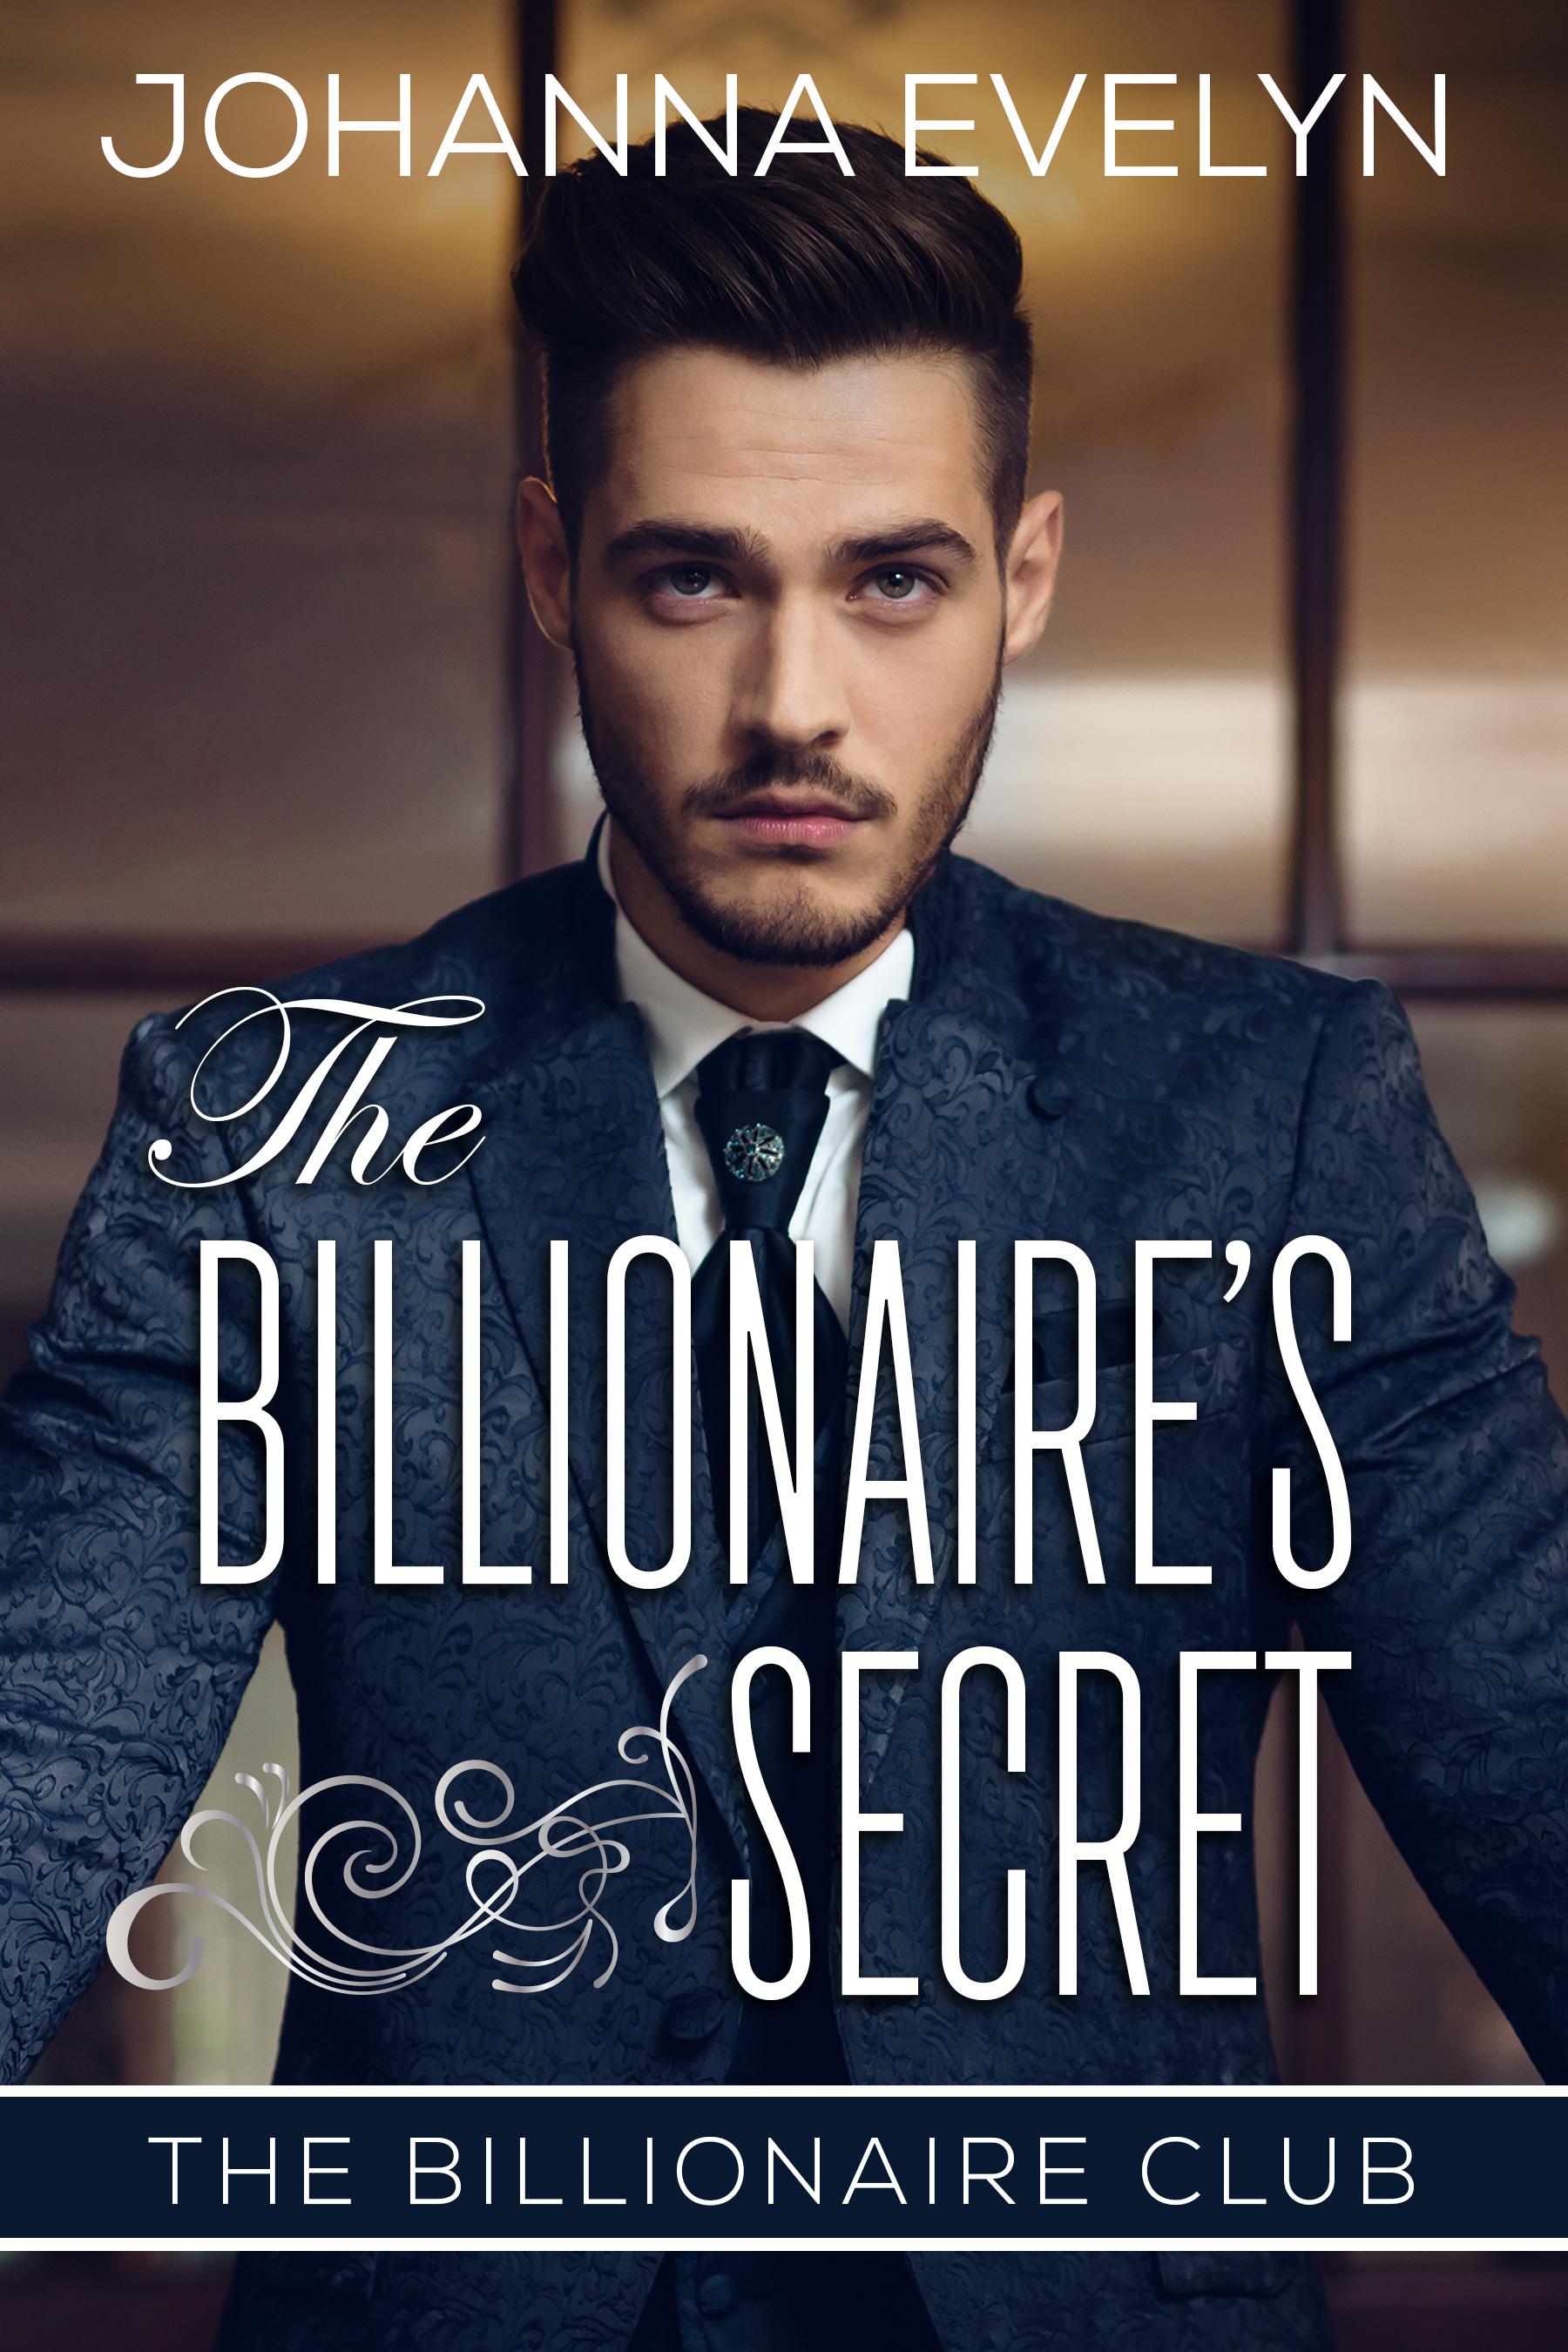 The-Billionaire's-secret